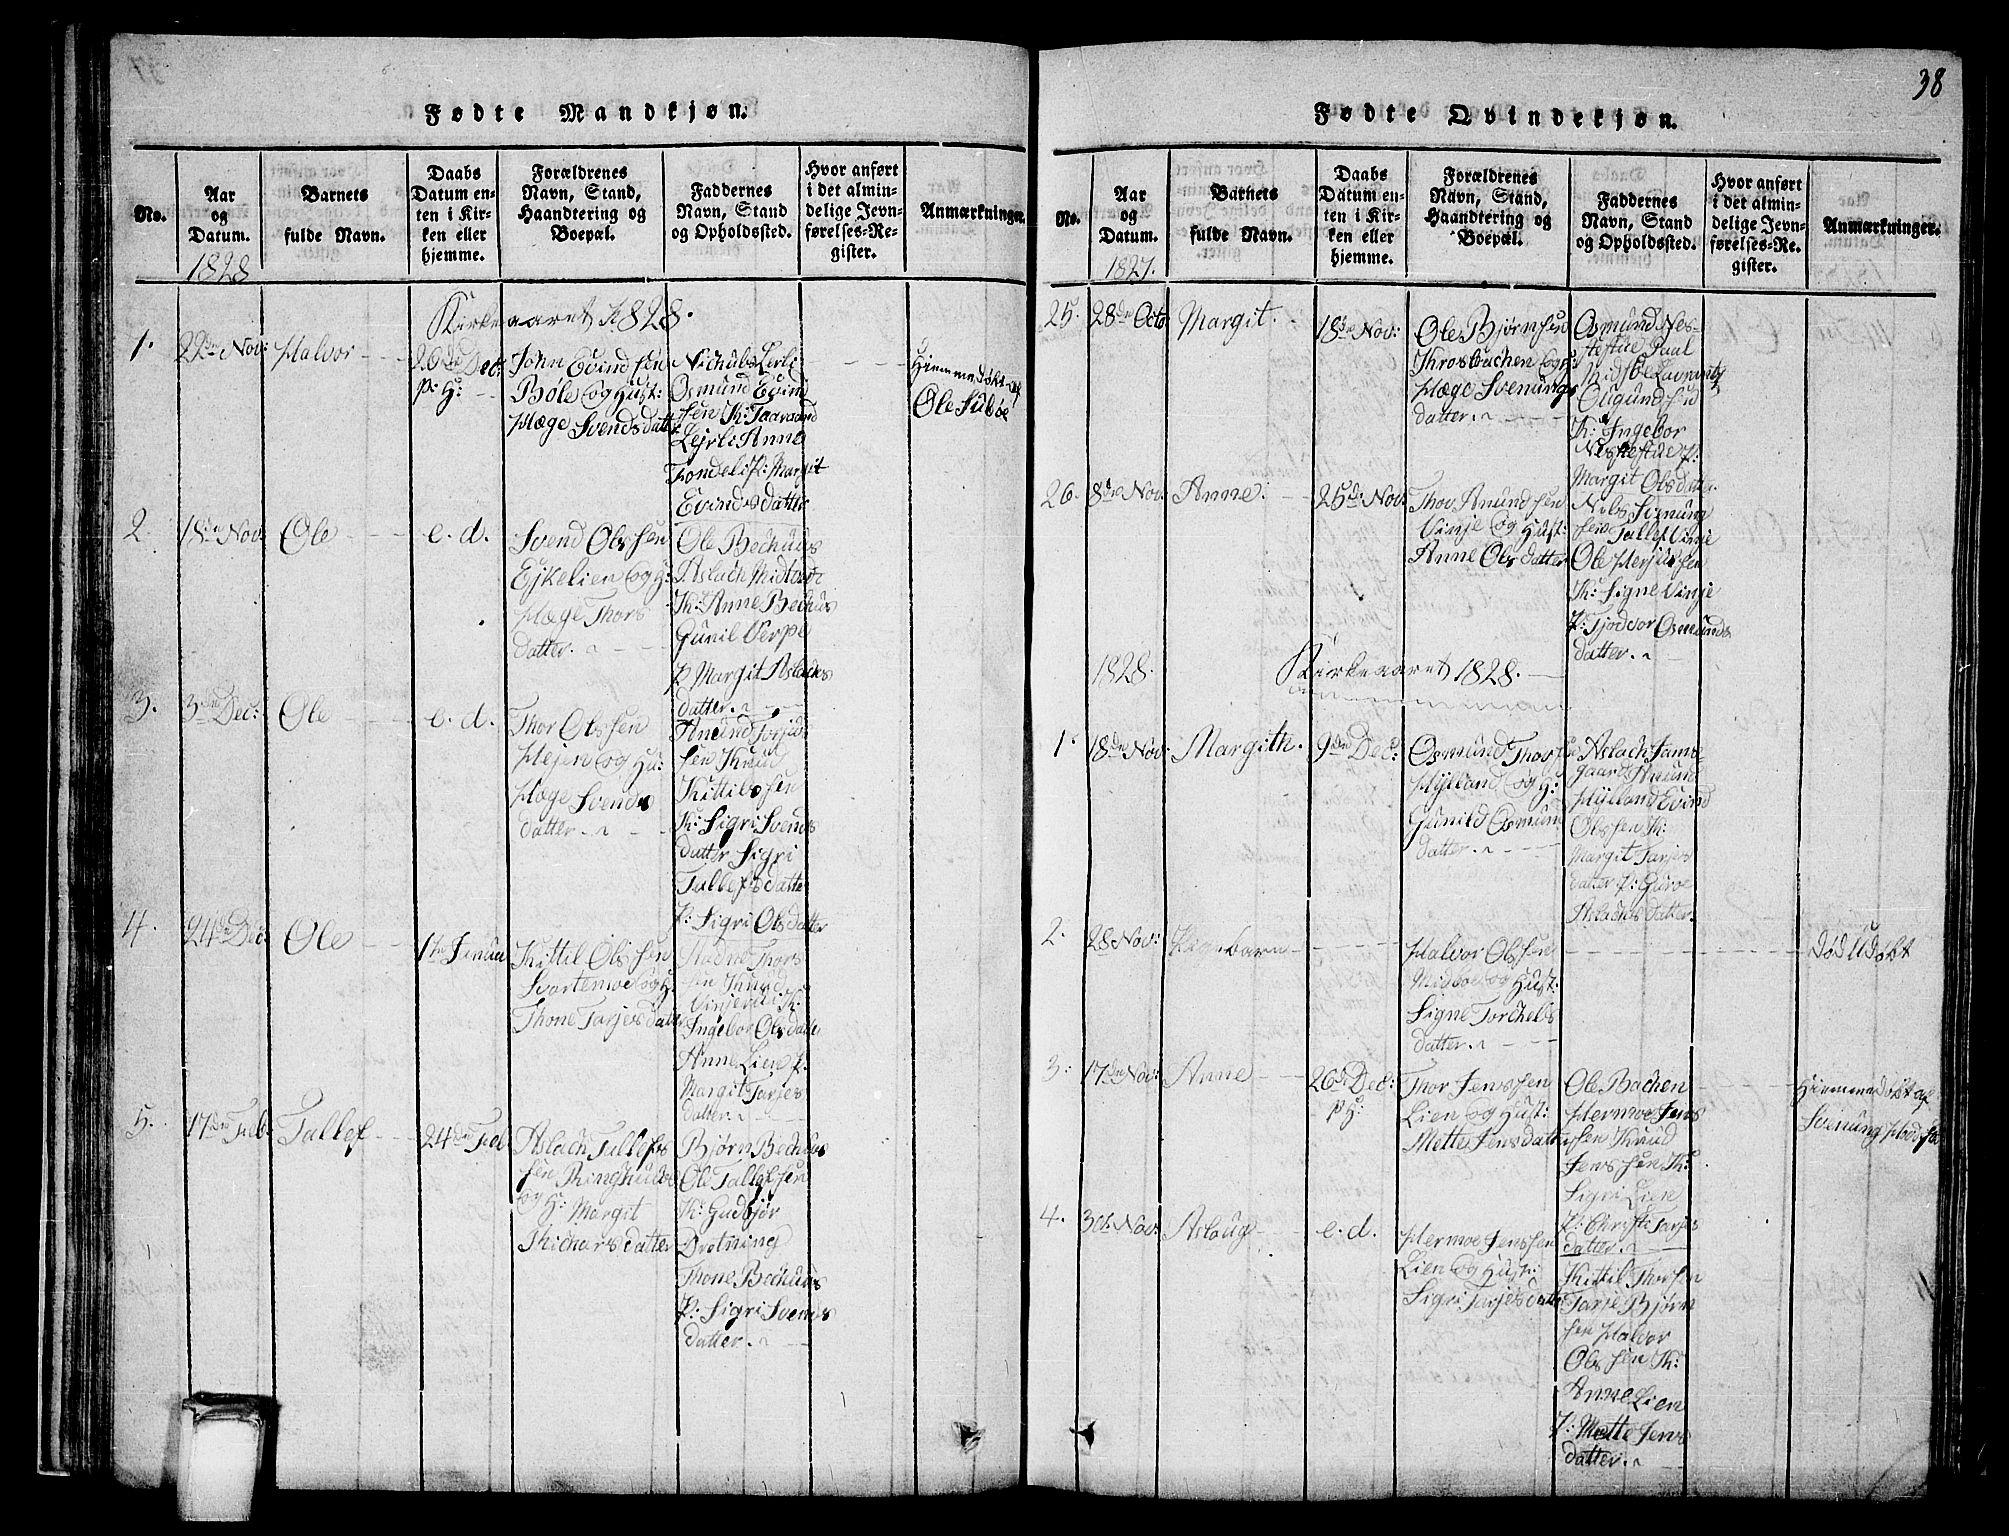 SAKO, Vinje kirkebøker, G/Ga/L0001: Klokkerbok nr. I 1, 1814-1843, s. 38